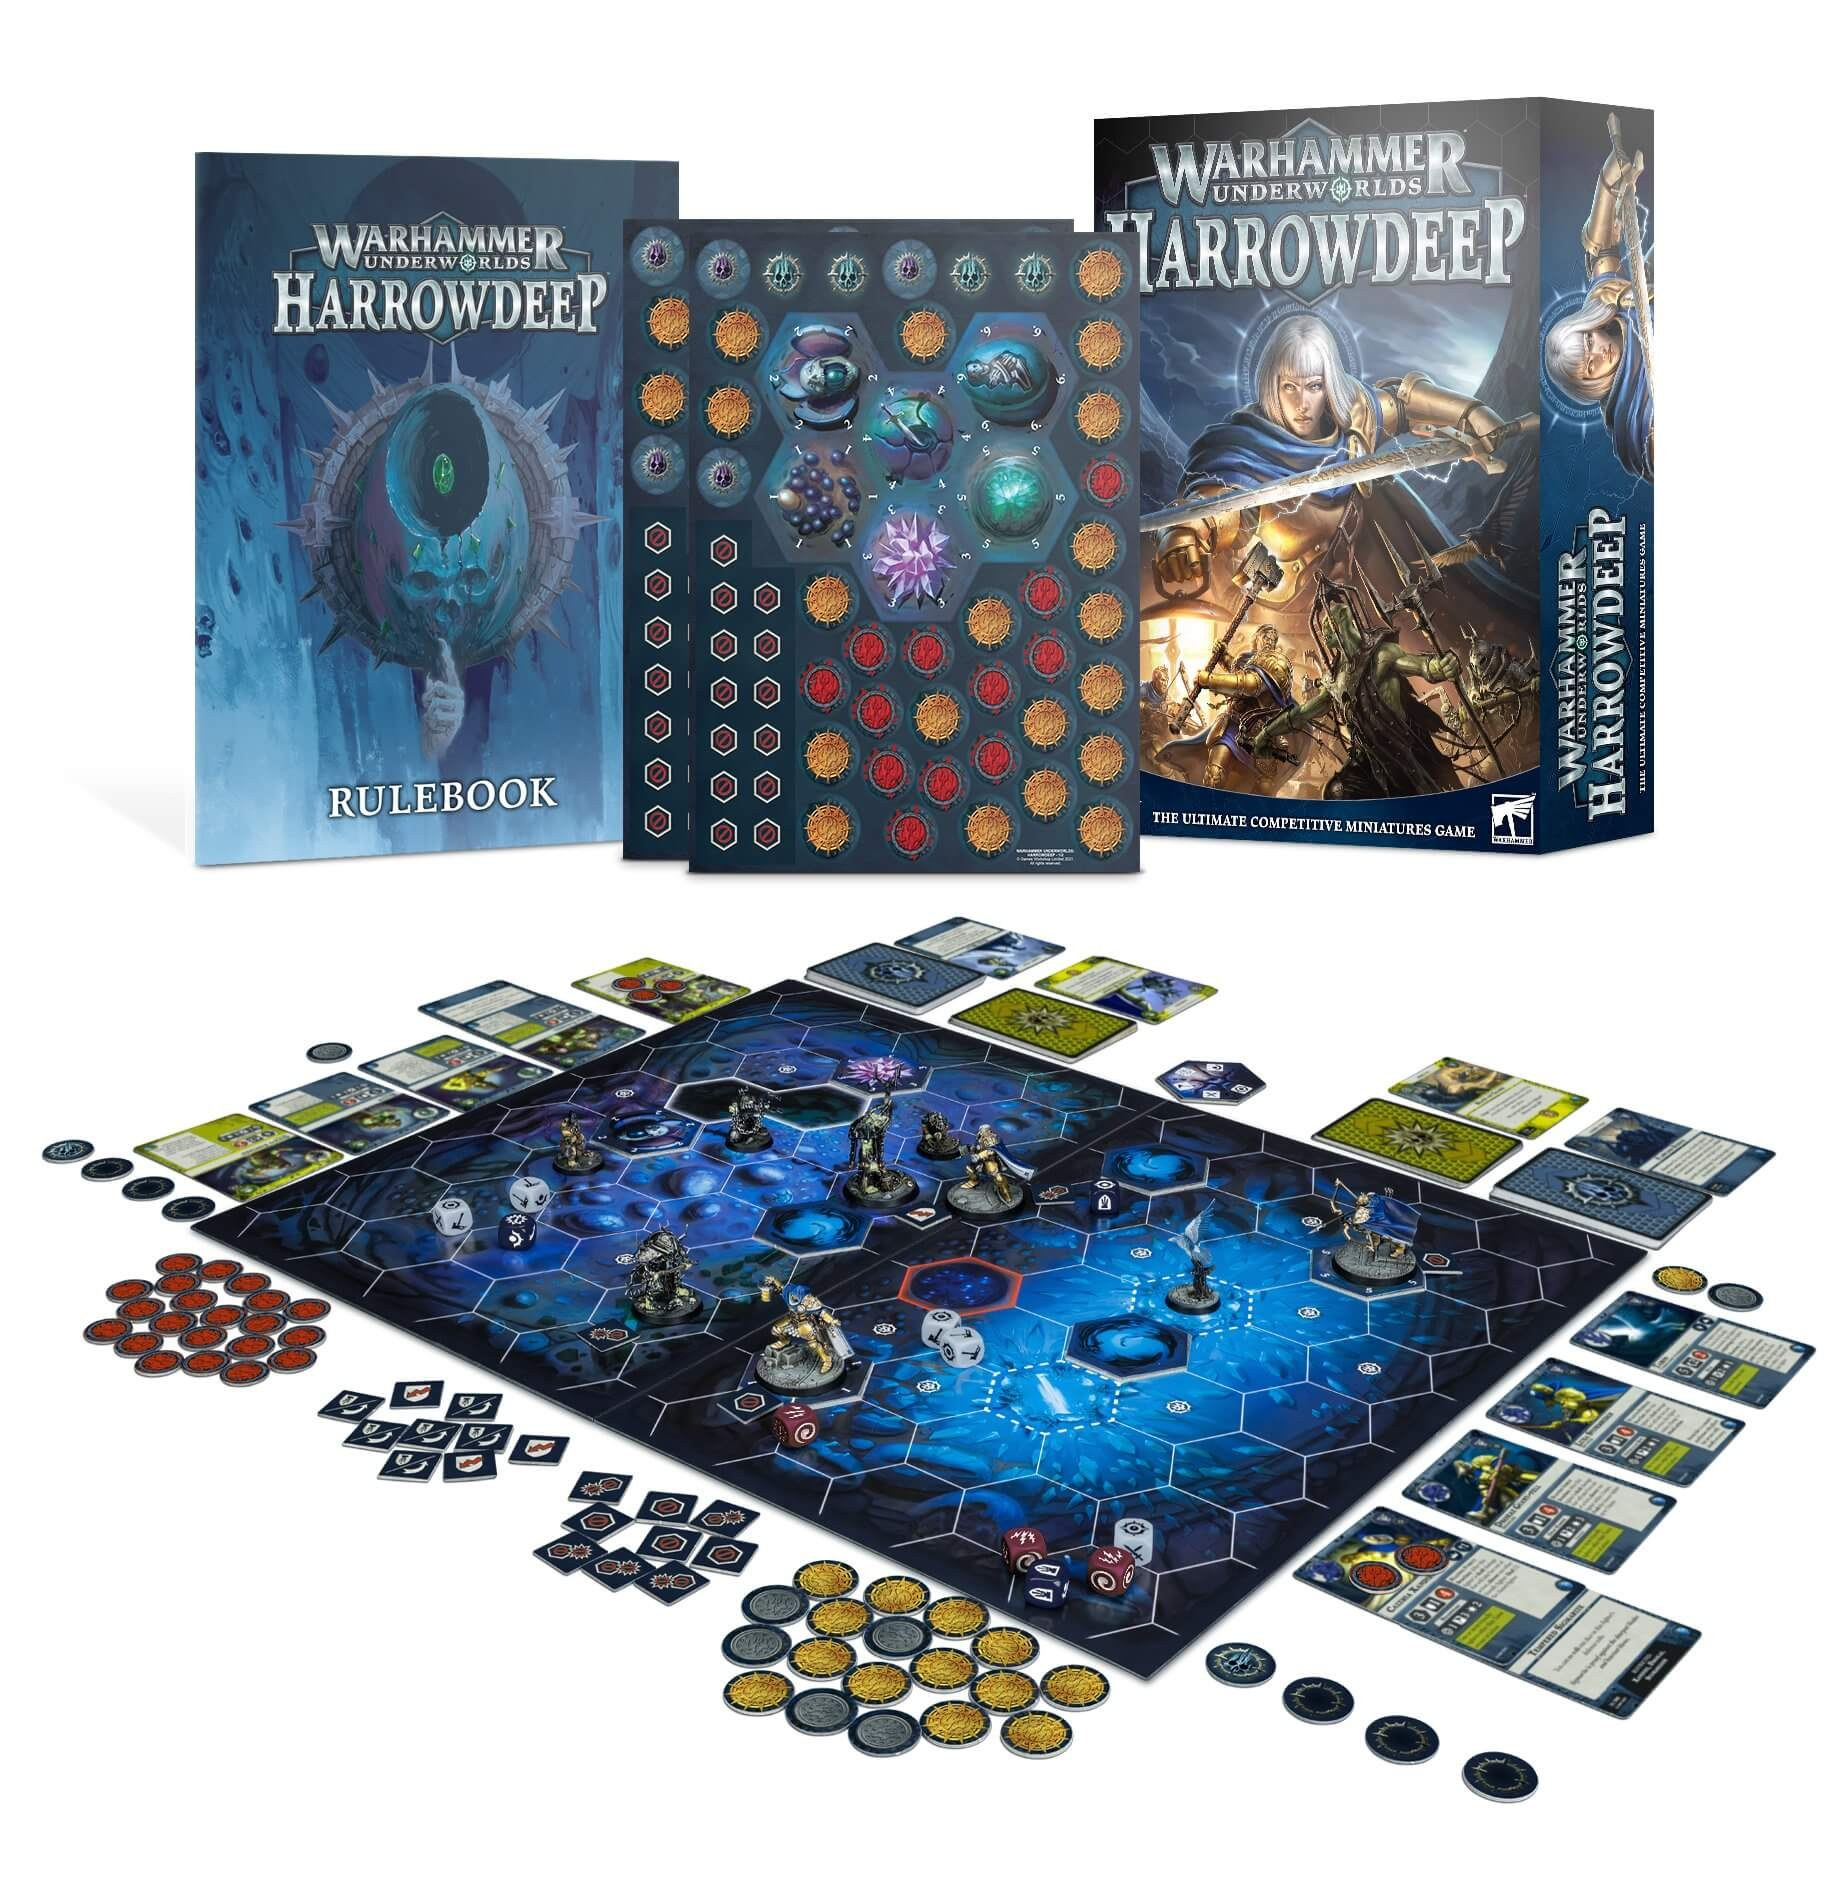 Warhammer Underworlds: Harrowdeep